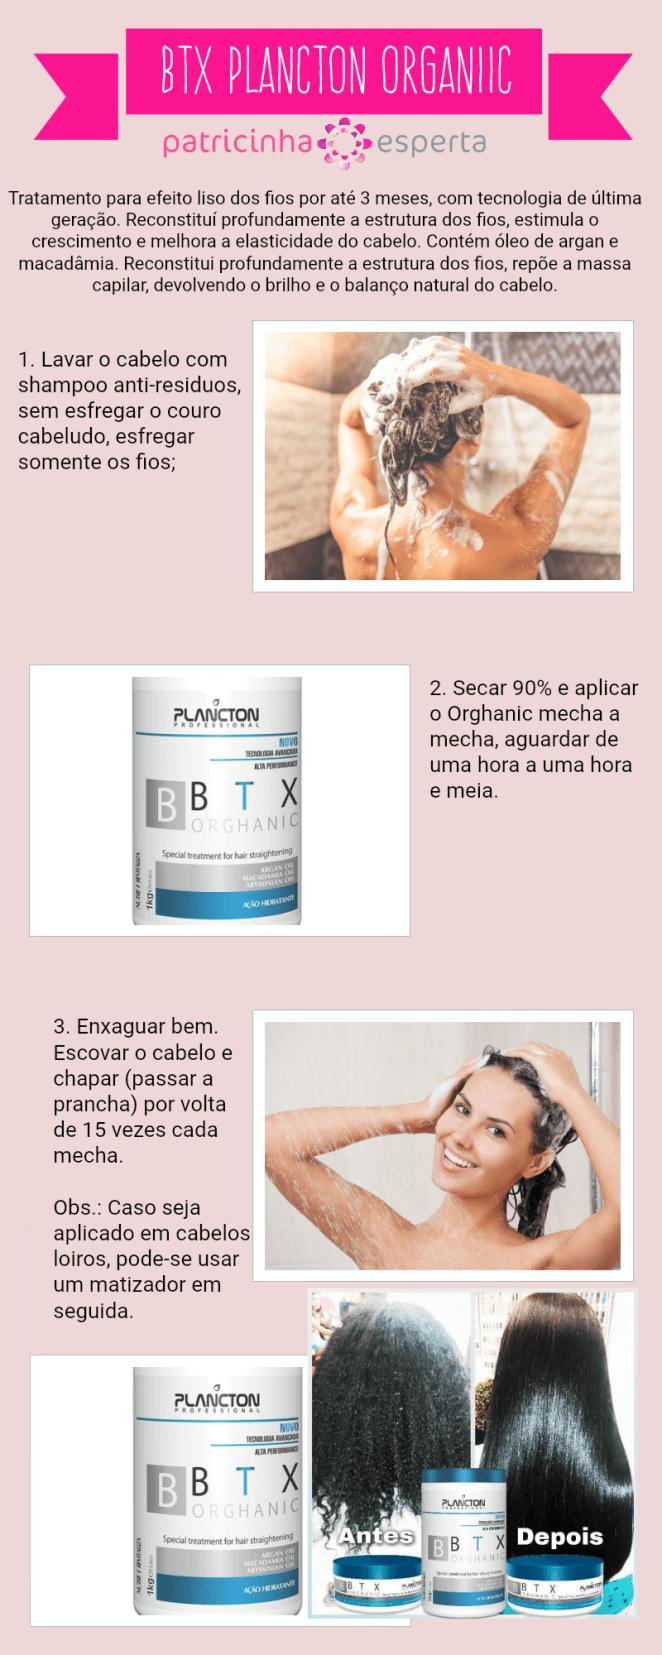 Botox planction organic - Botox capilar: o que é? Como fazer e benefícios